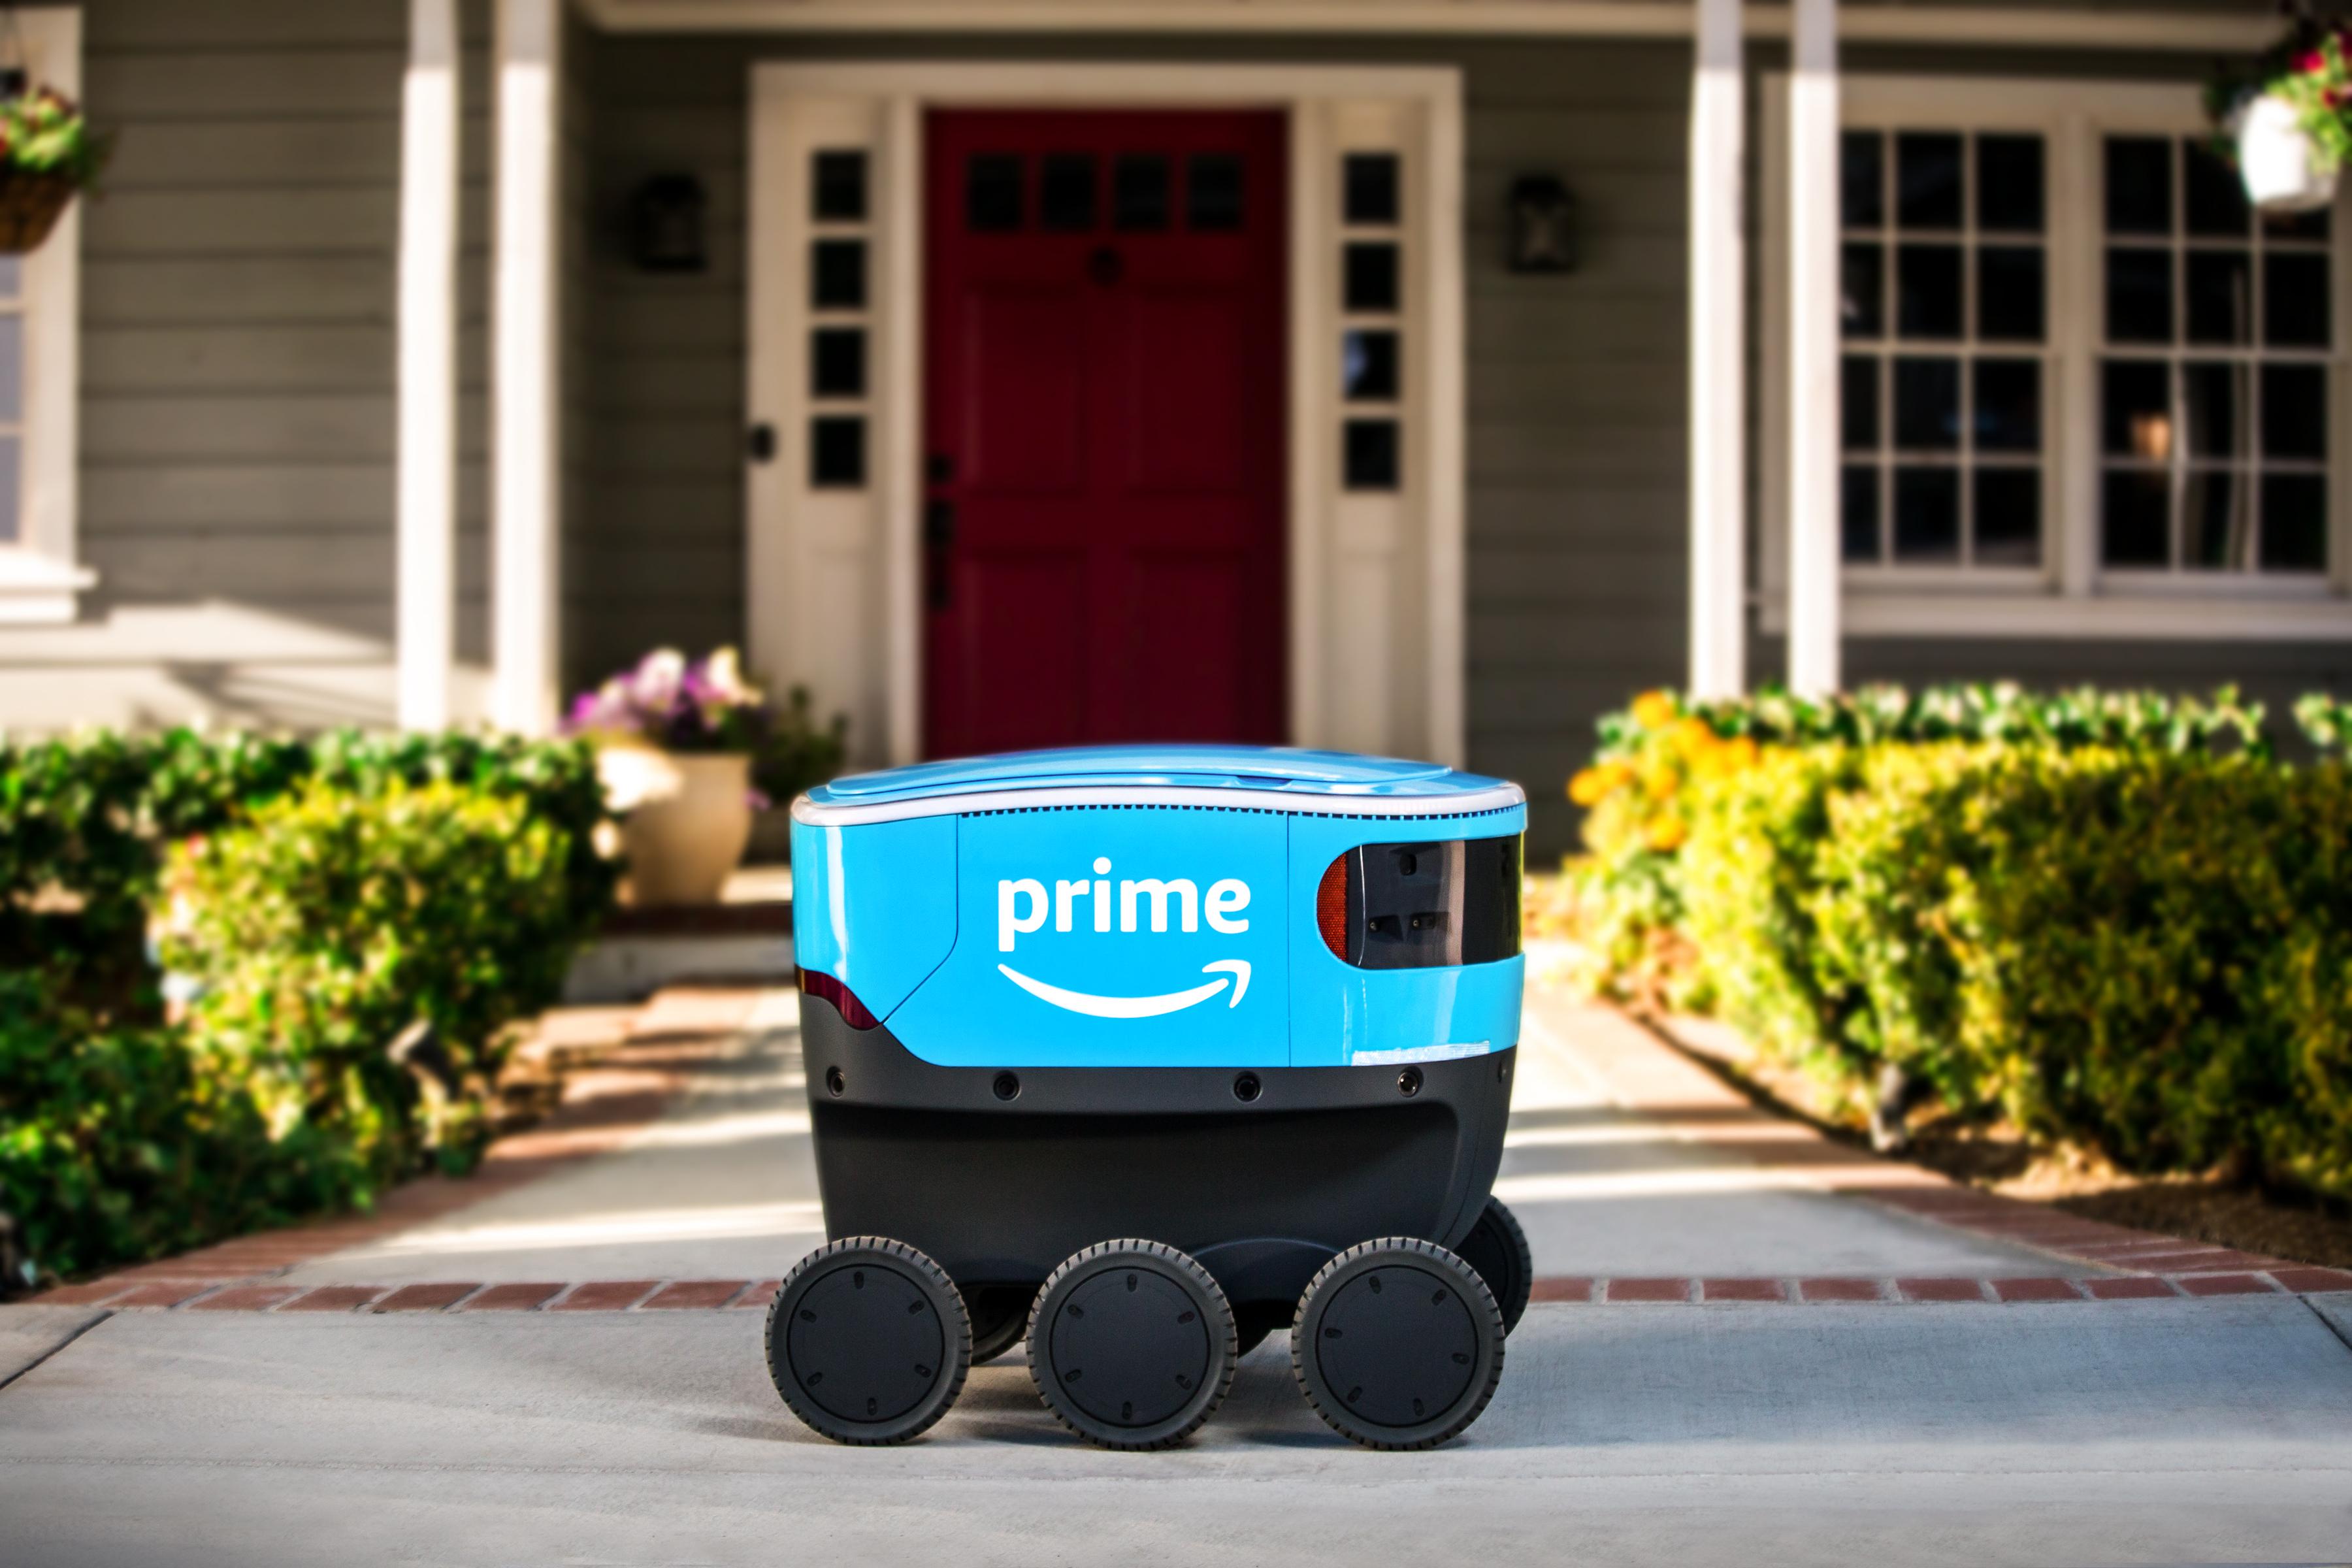 Amazon to Test Out Autonomous Delivery Robots